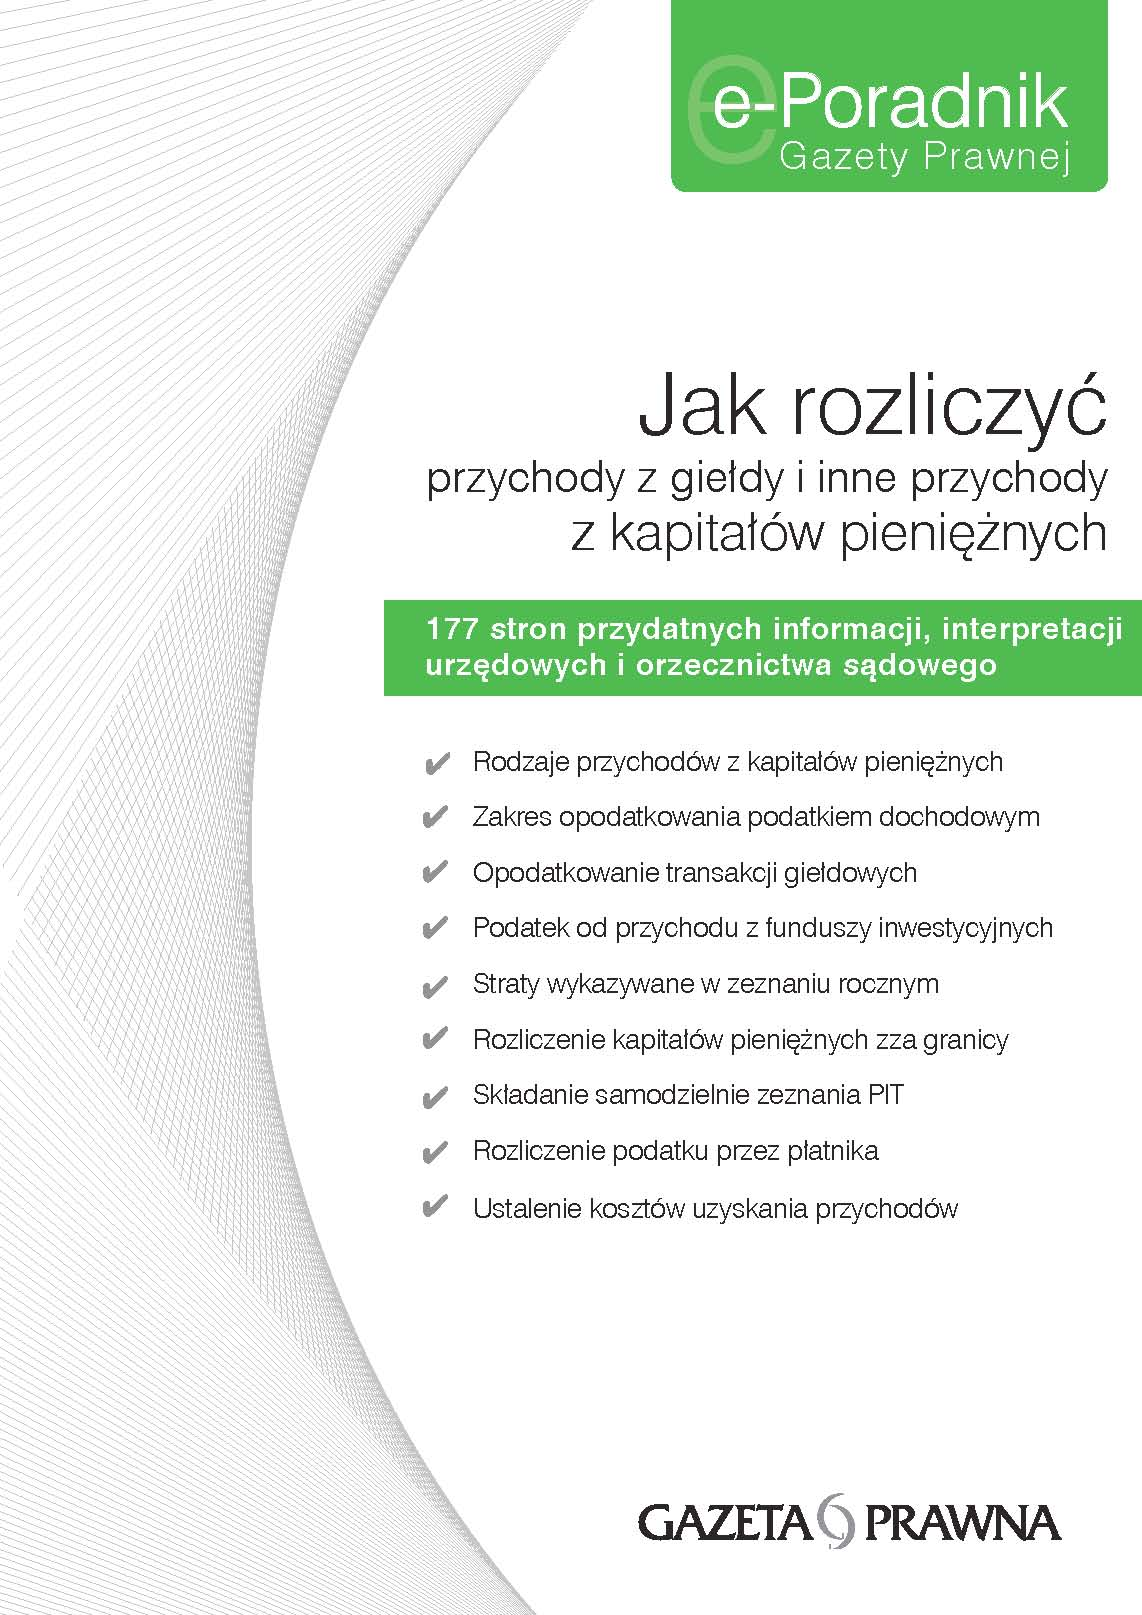 E-Poradnik Gazety Prawnej - Jak rozliczyć przychody z giełdy i inne przychody z kapitałów pieniężnych? 177 stron przydatnych informacji, interpretacji urzędowych i orzecznictwa sądowego: Rodzaje...